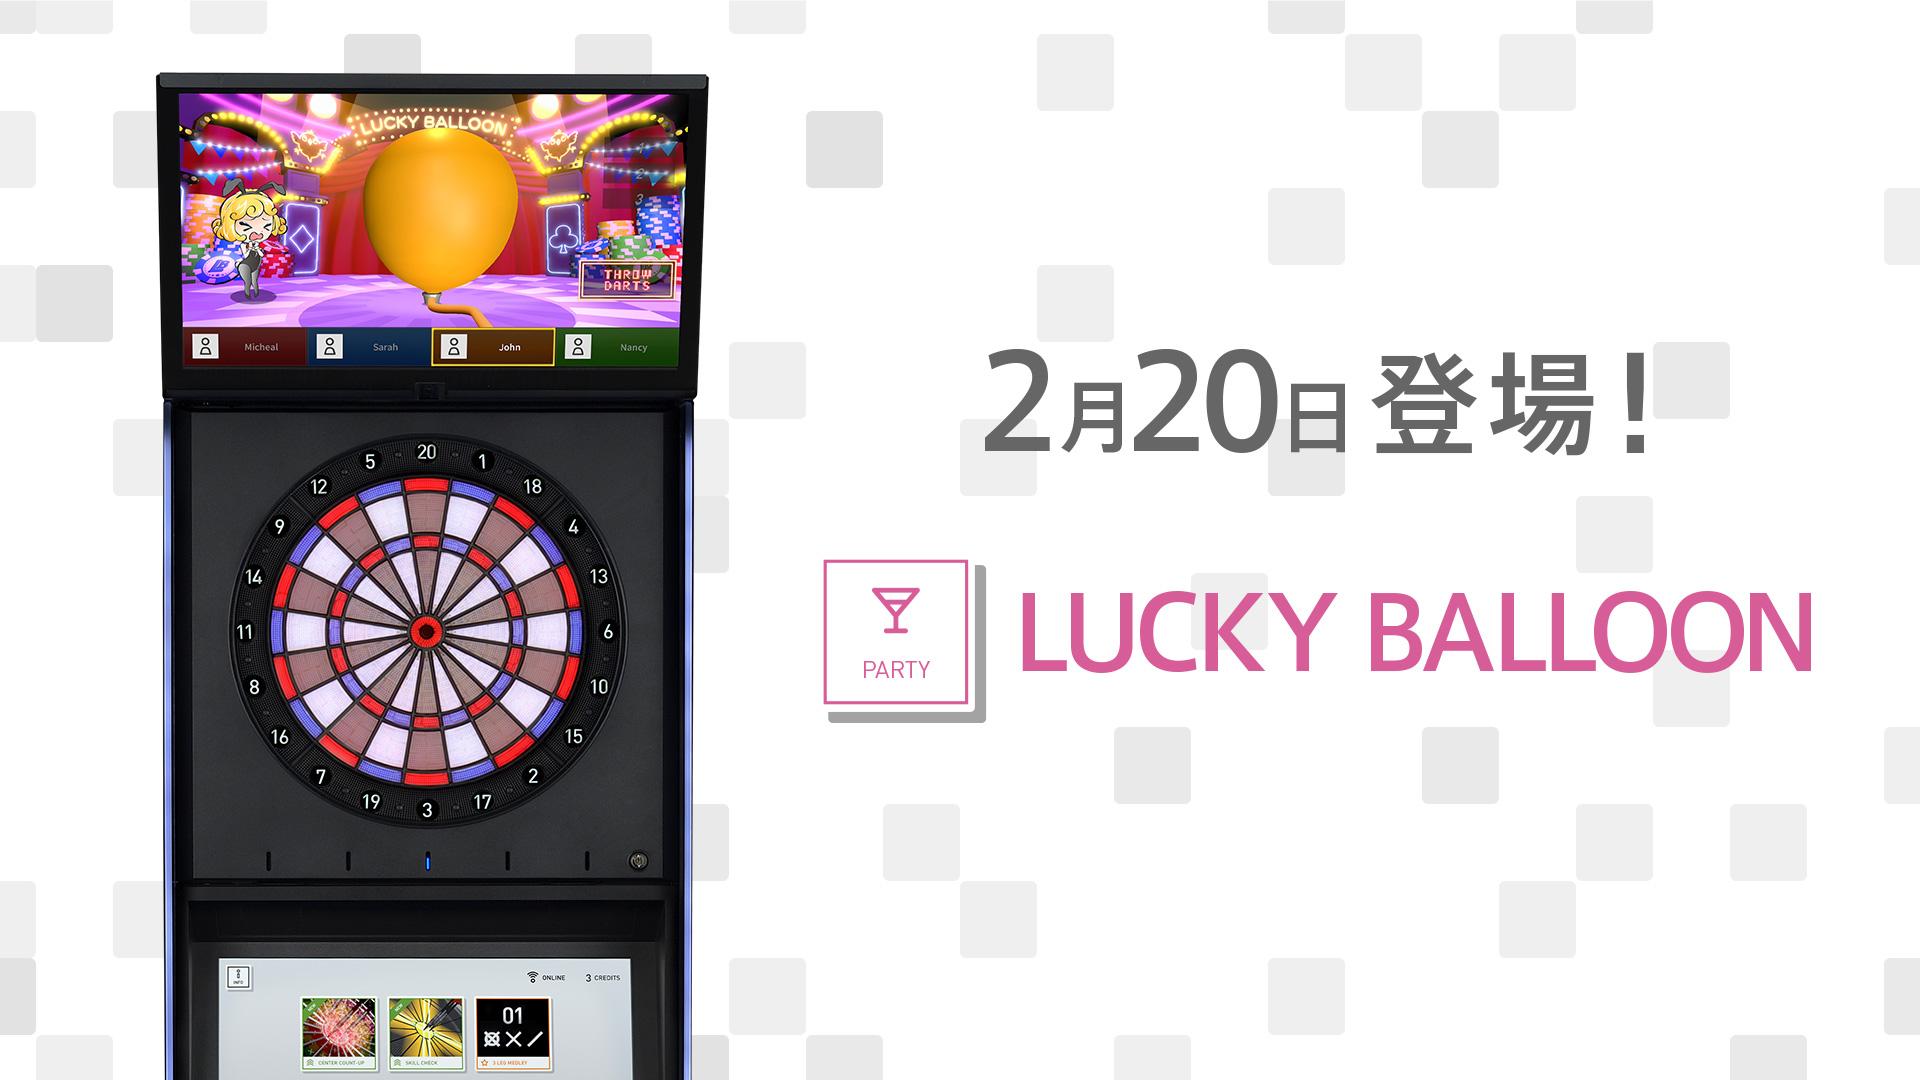 ダーツライブ3にパーティーゲーム「LUCKY BALLOON」が新登場